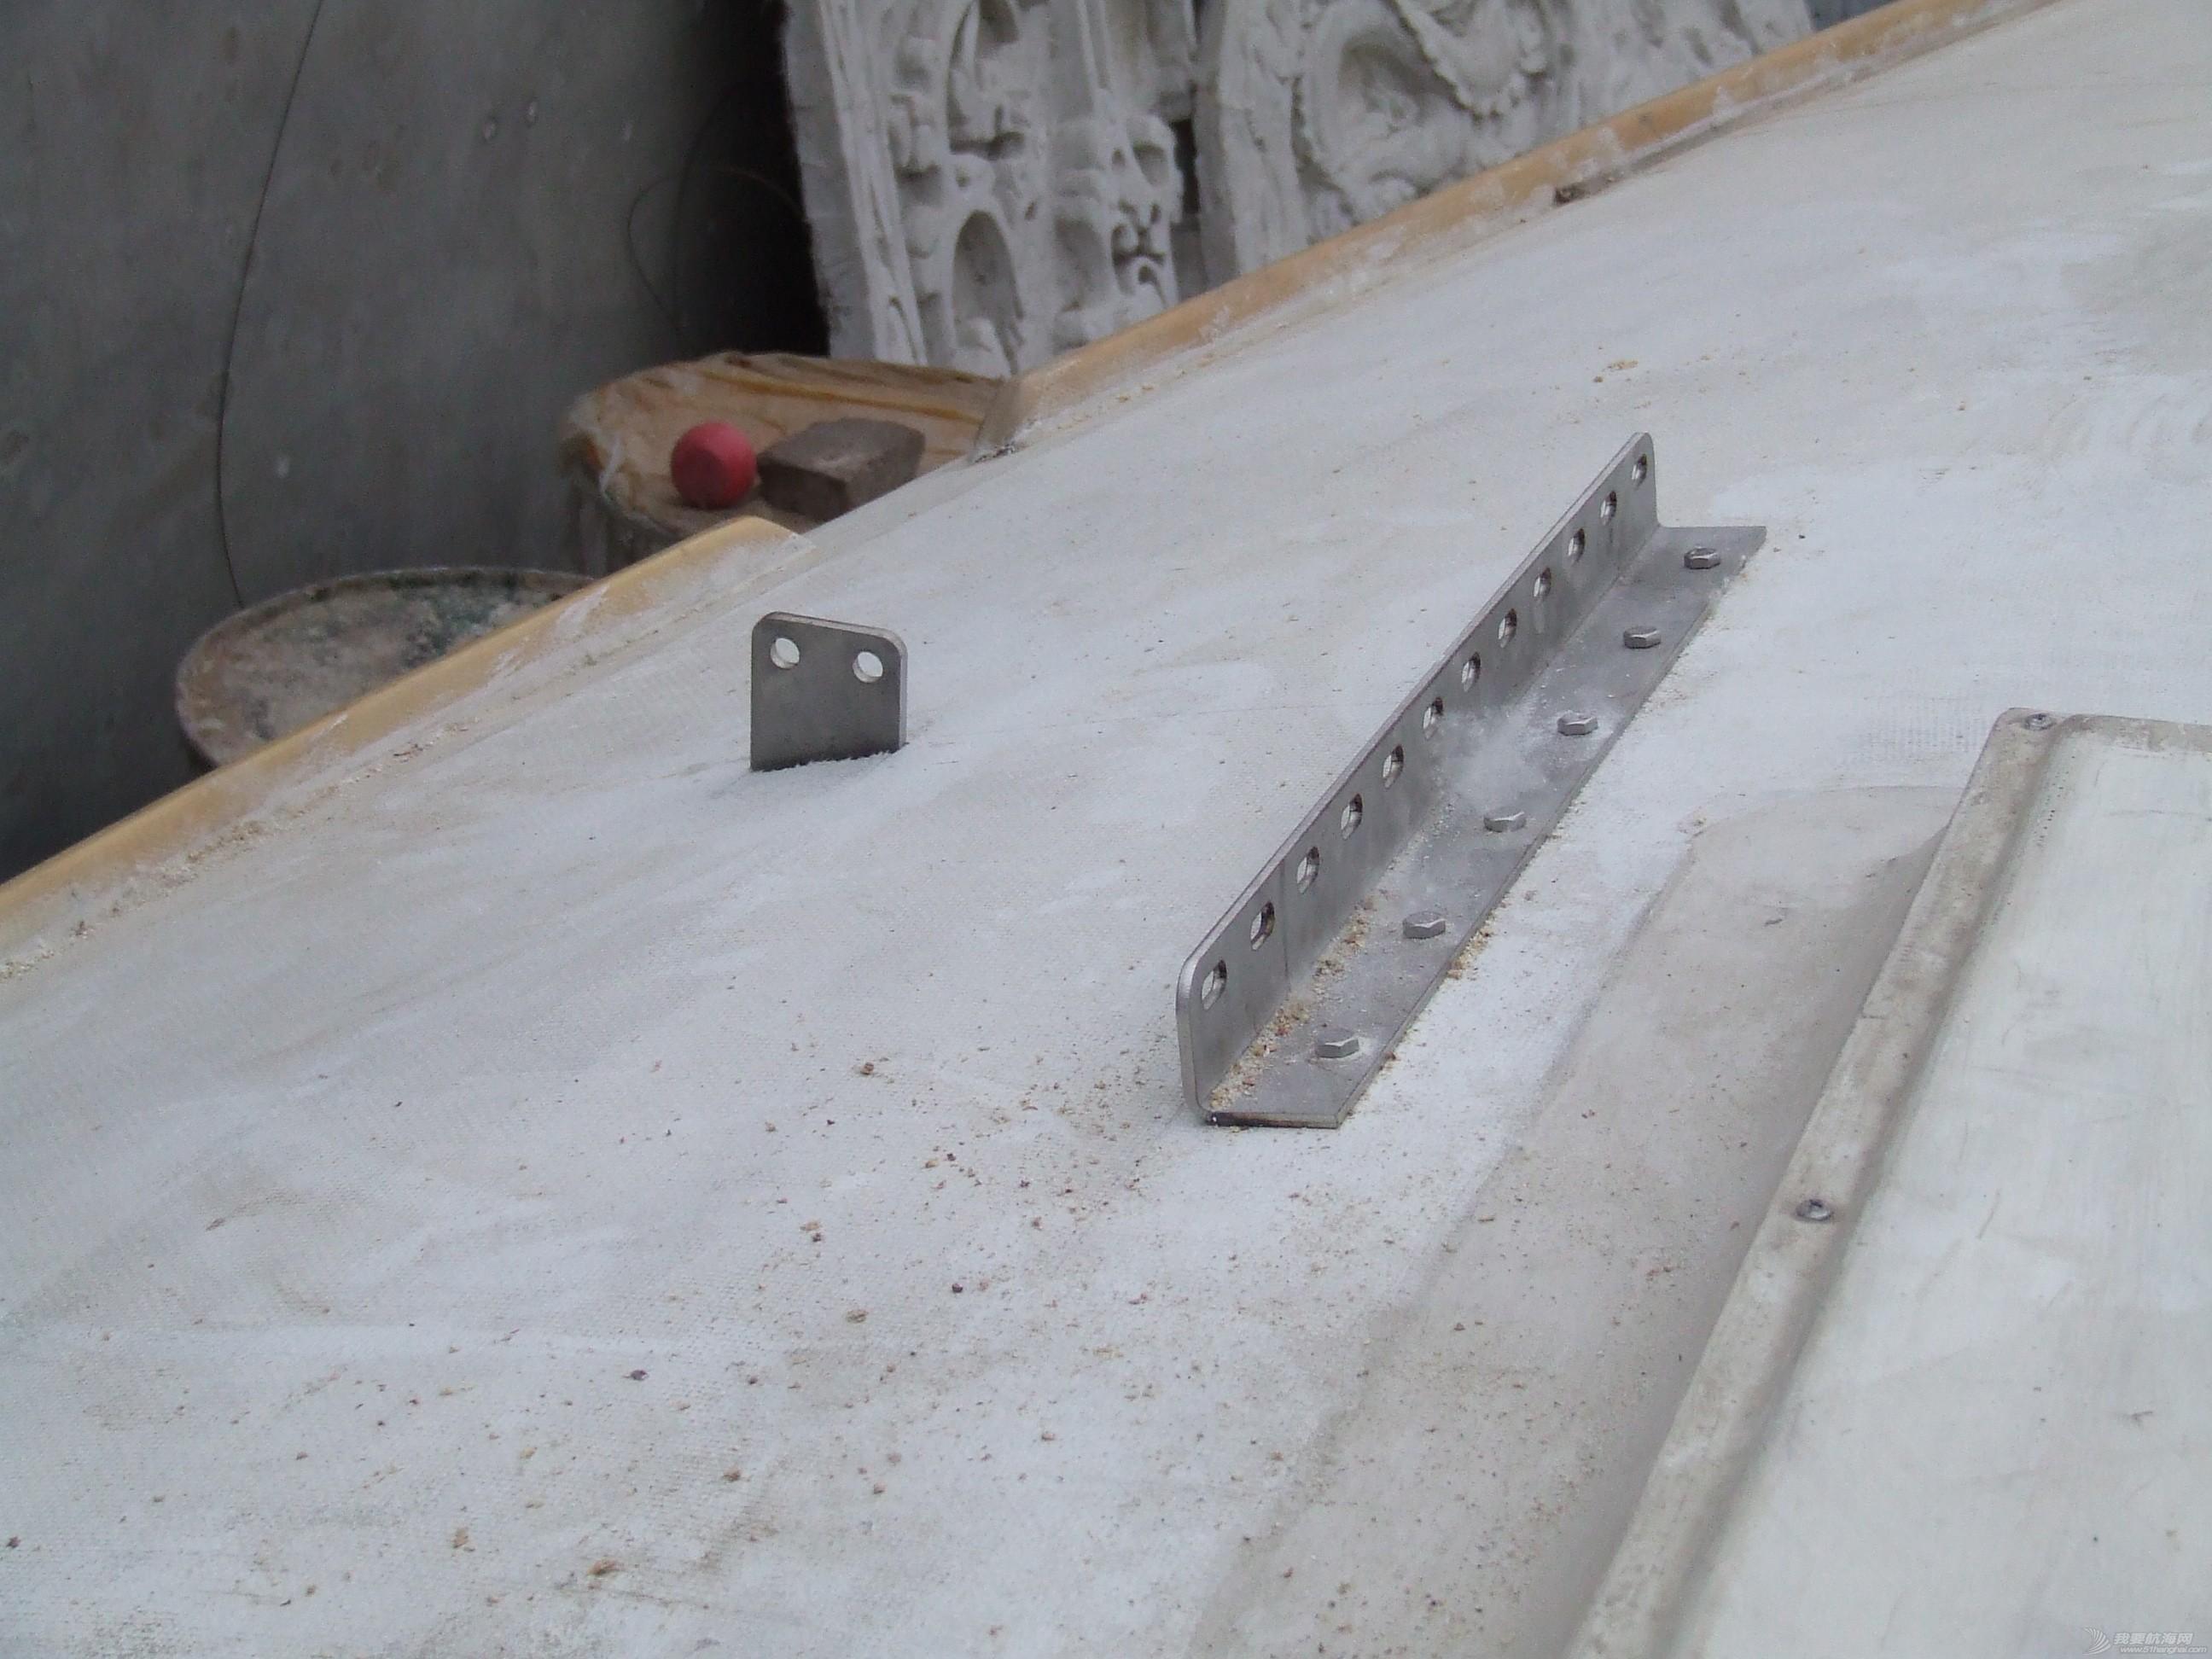 不锈钢材料,模具加工,参考照片,铝合金,设计图 七、控帆索导向滑轮滑道 DSCF7469.JPG